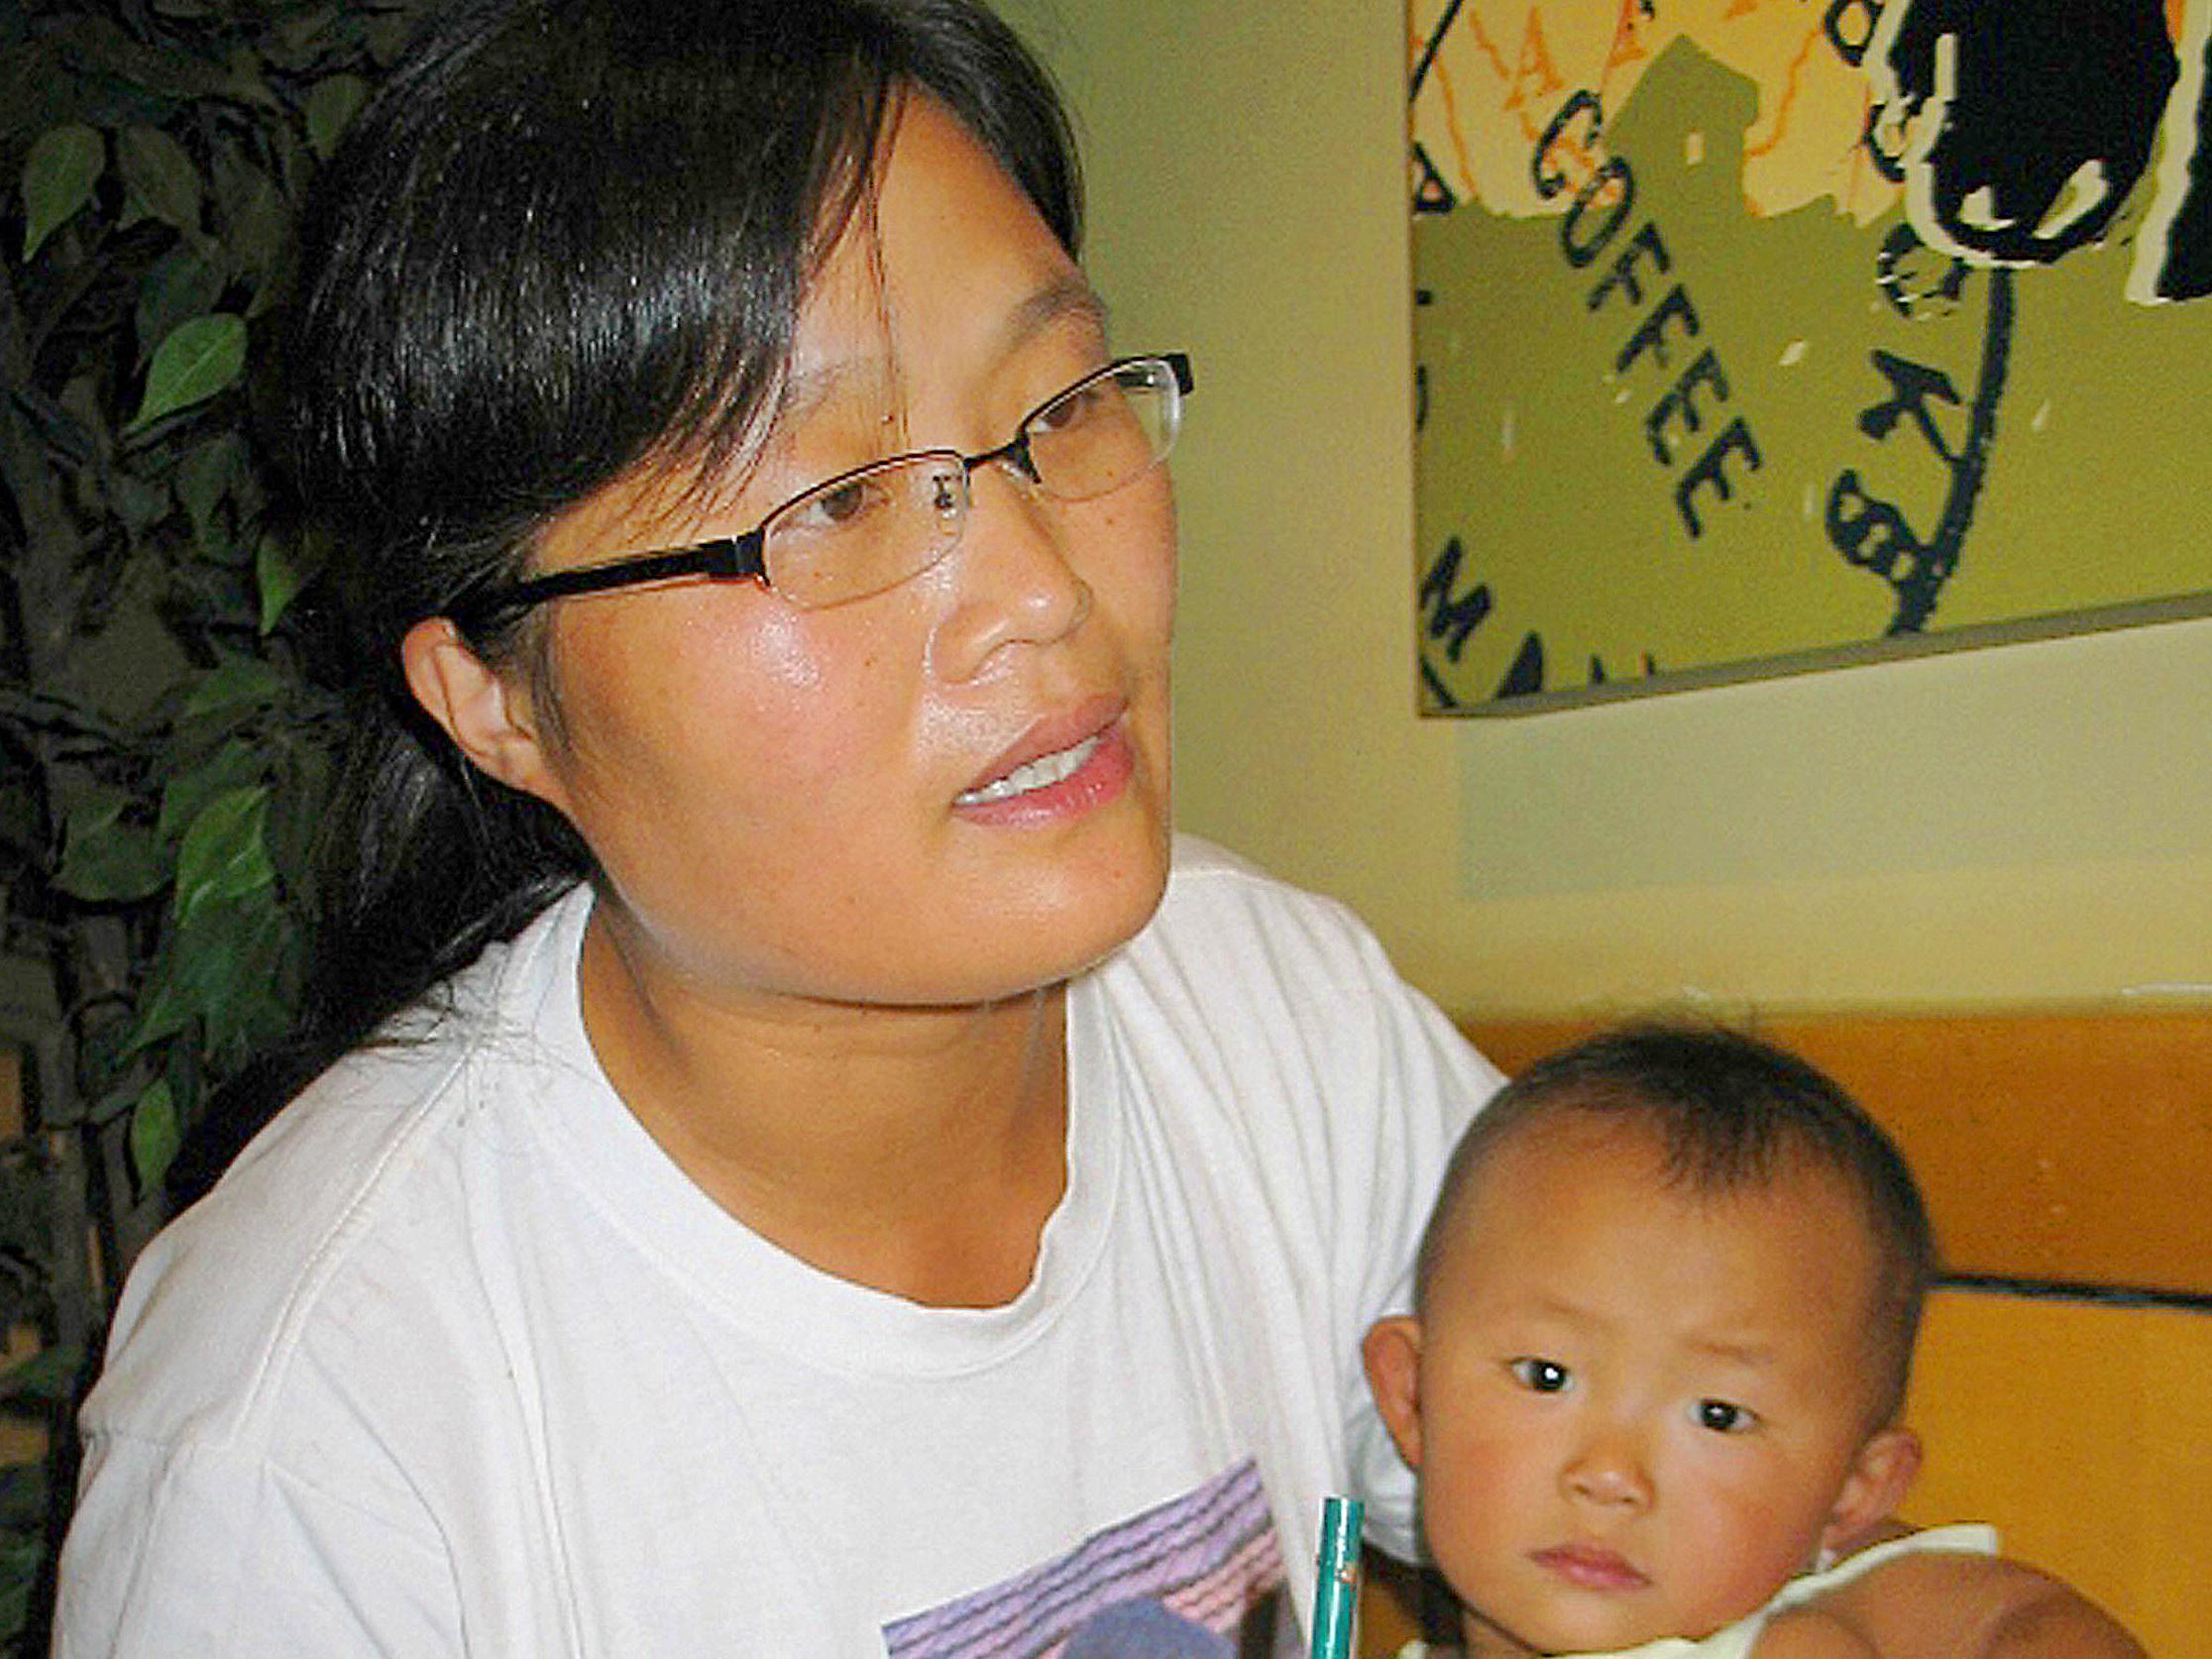 China: ARD-Besuch bei Menschenrechtsaktivisten scheiterte